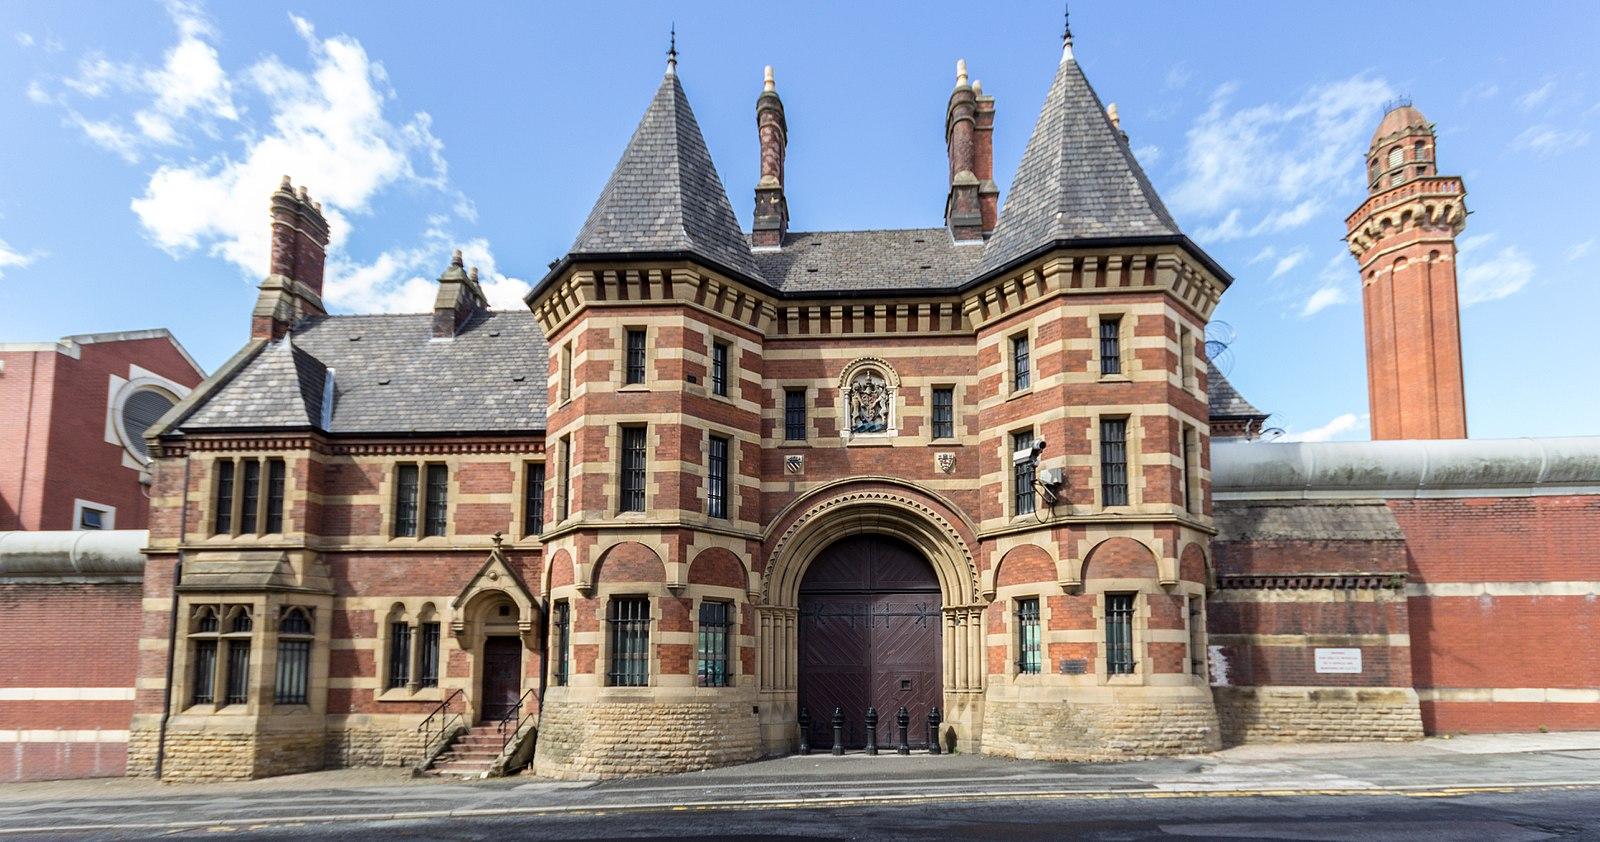 HMP Manchester, also known as Strangeways prison